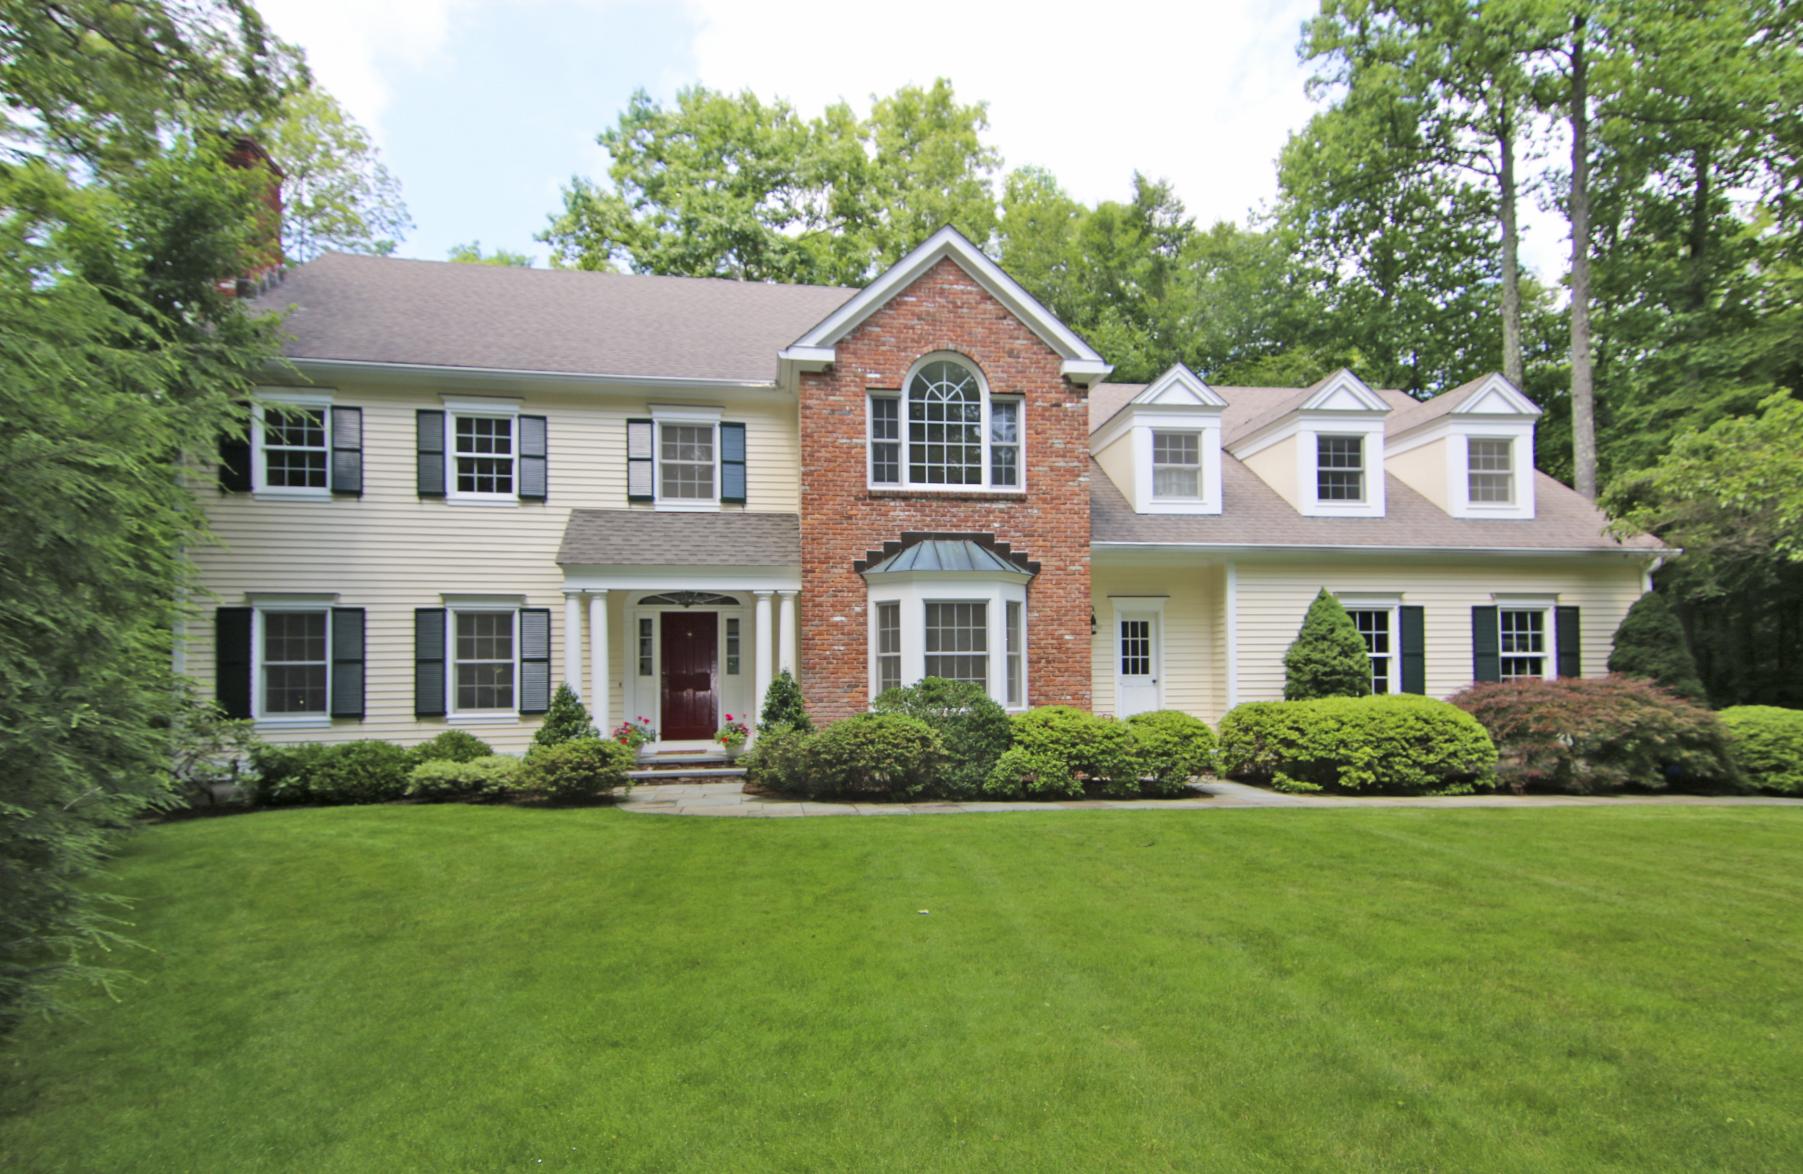 Villa per Vendita alle ore Country Haven 38 Breeds Hill Road Wilton, Connecticut 06897 Stati Uniti